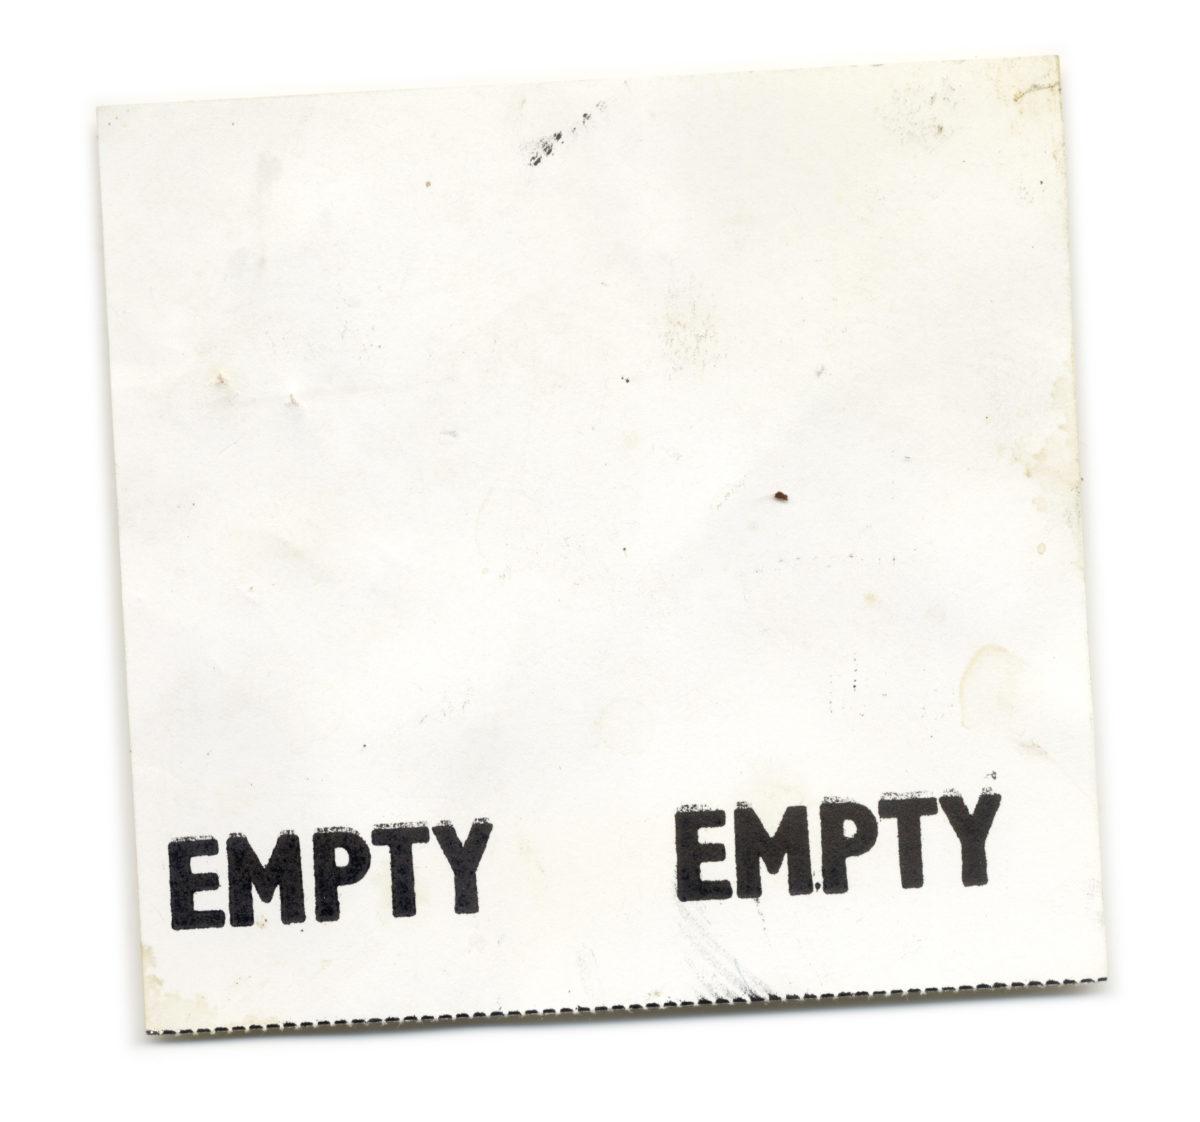 Empty Empty